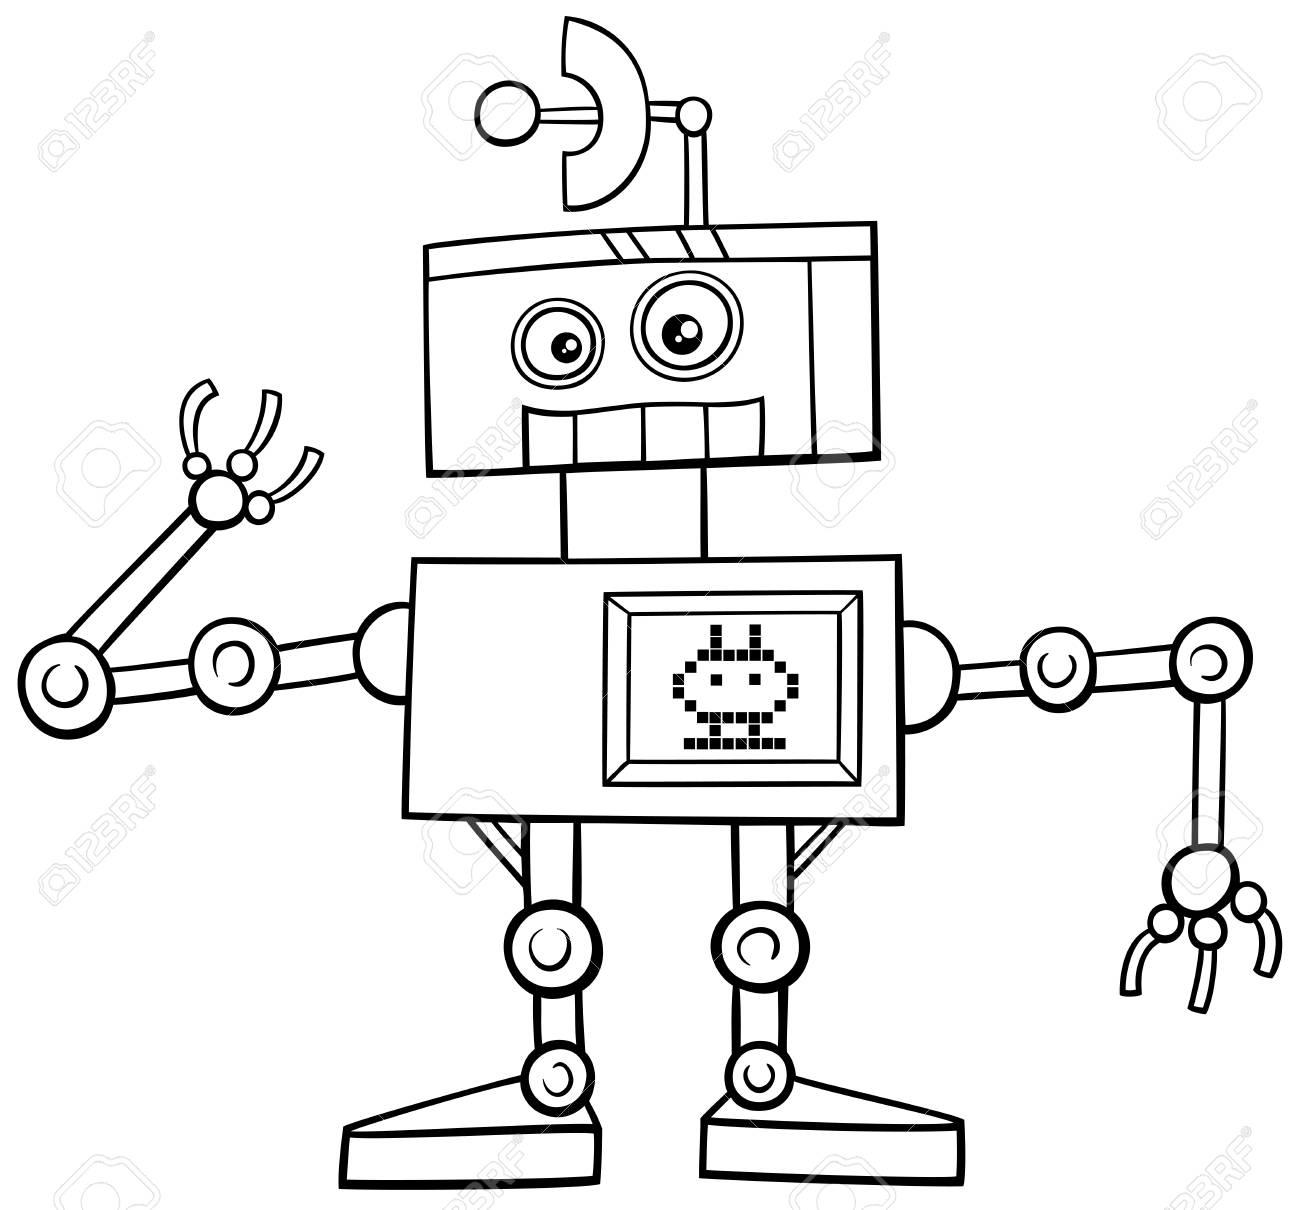 Ilustración De Dibujos Animados De Blanco Y Negro Divertido Del Robot De La Fantasía Del Personaje Página Para Colorear